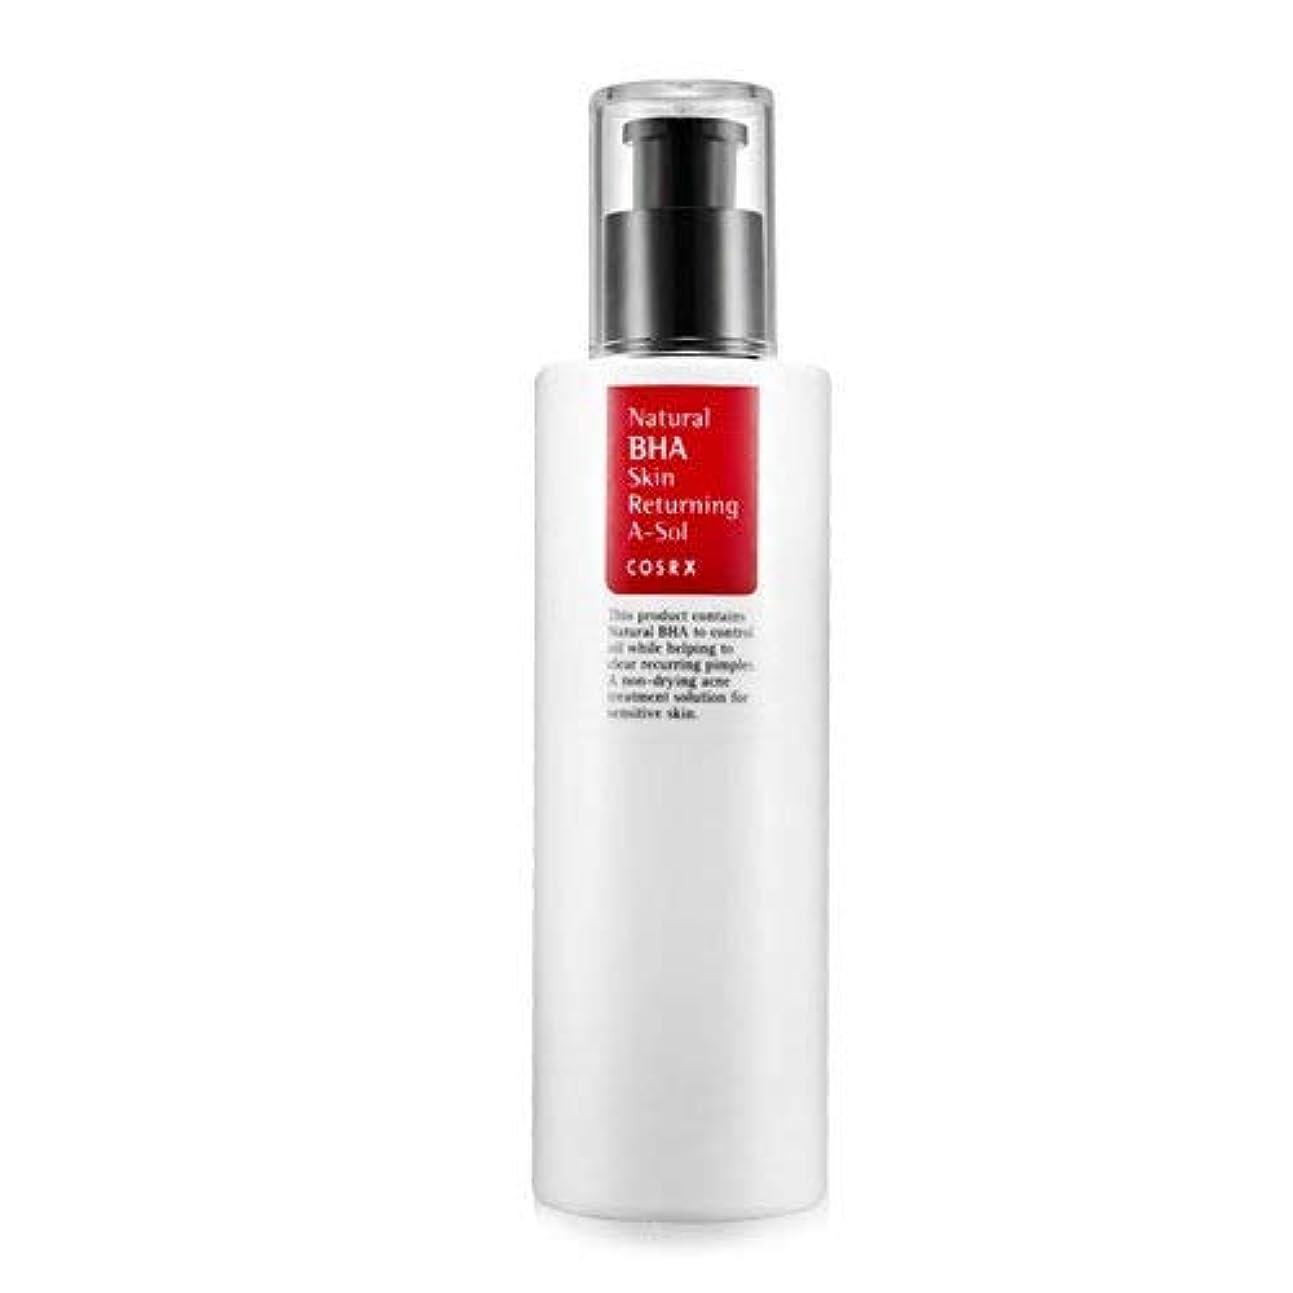 葉を集める味もろいCOSRX ナチュラル BHA スキン リータニング A-sol /Natural BHA Skin Returning A-sol(100ml*6 Pack)